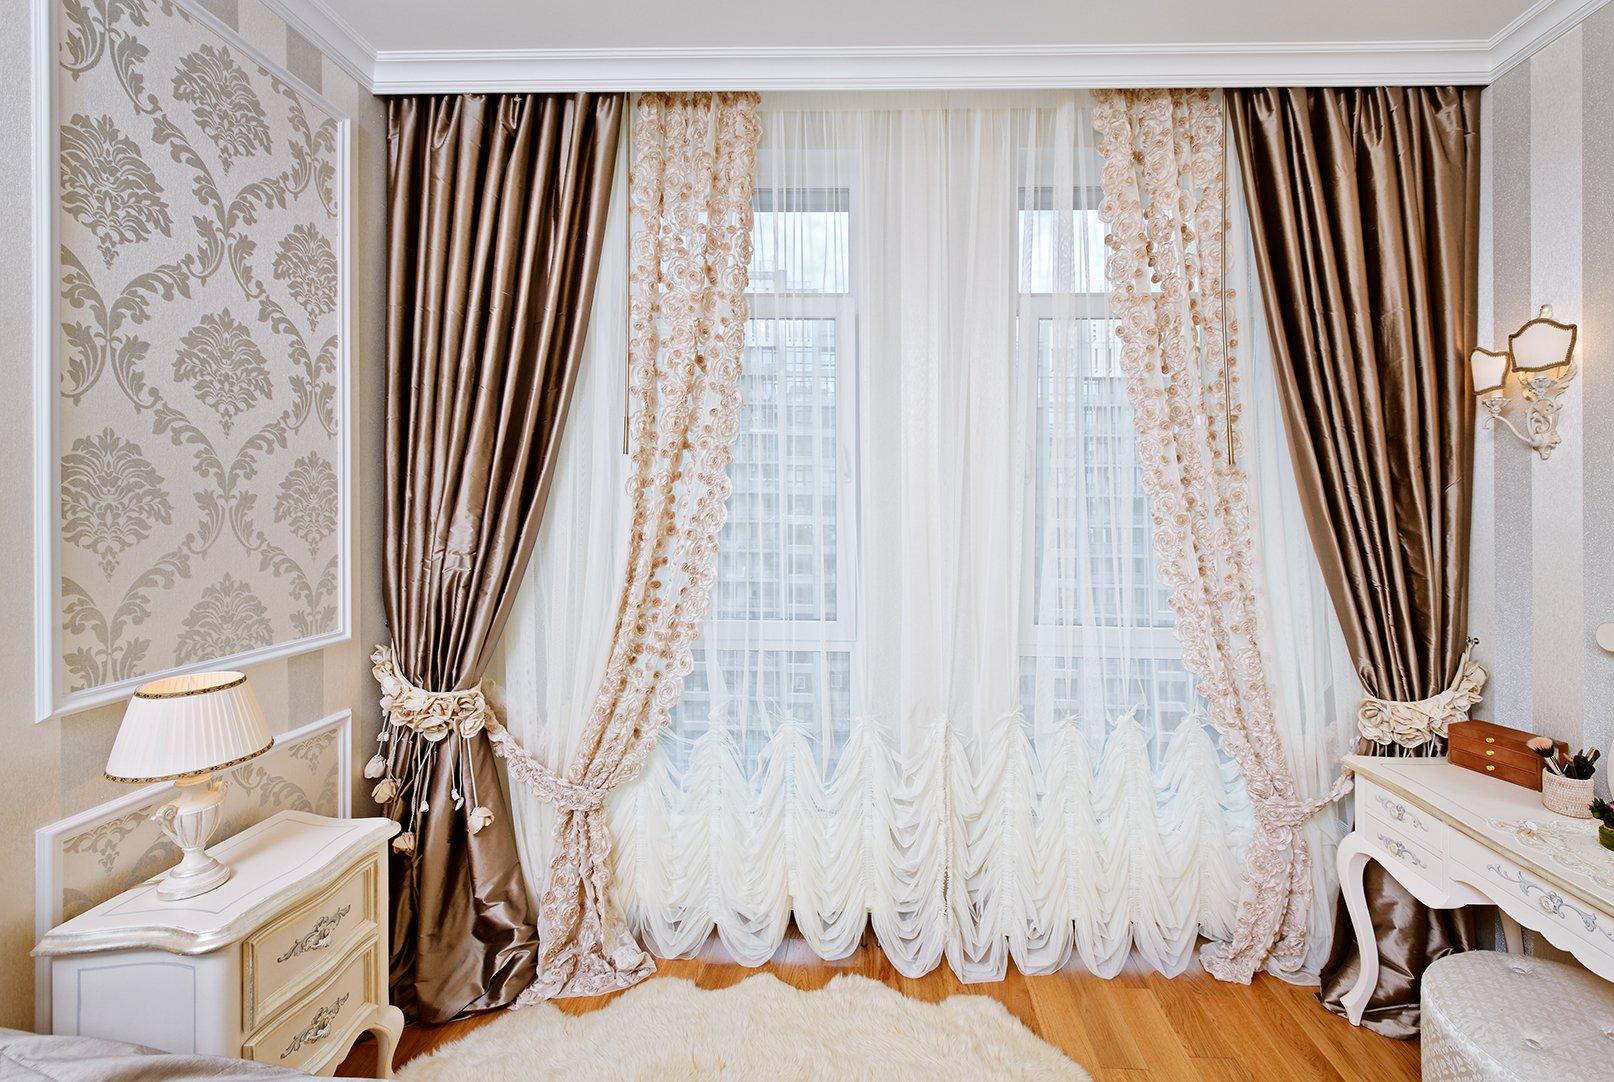 Декор окон шторами напрямую зависит от стиля помещения, размеров окна и его расположения